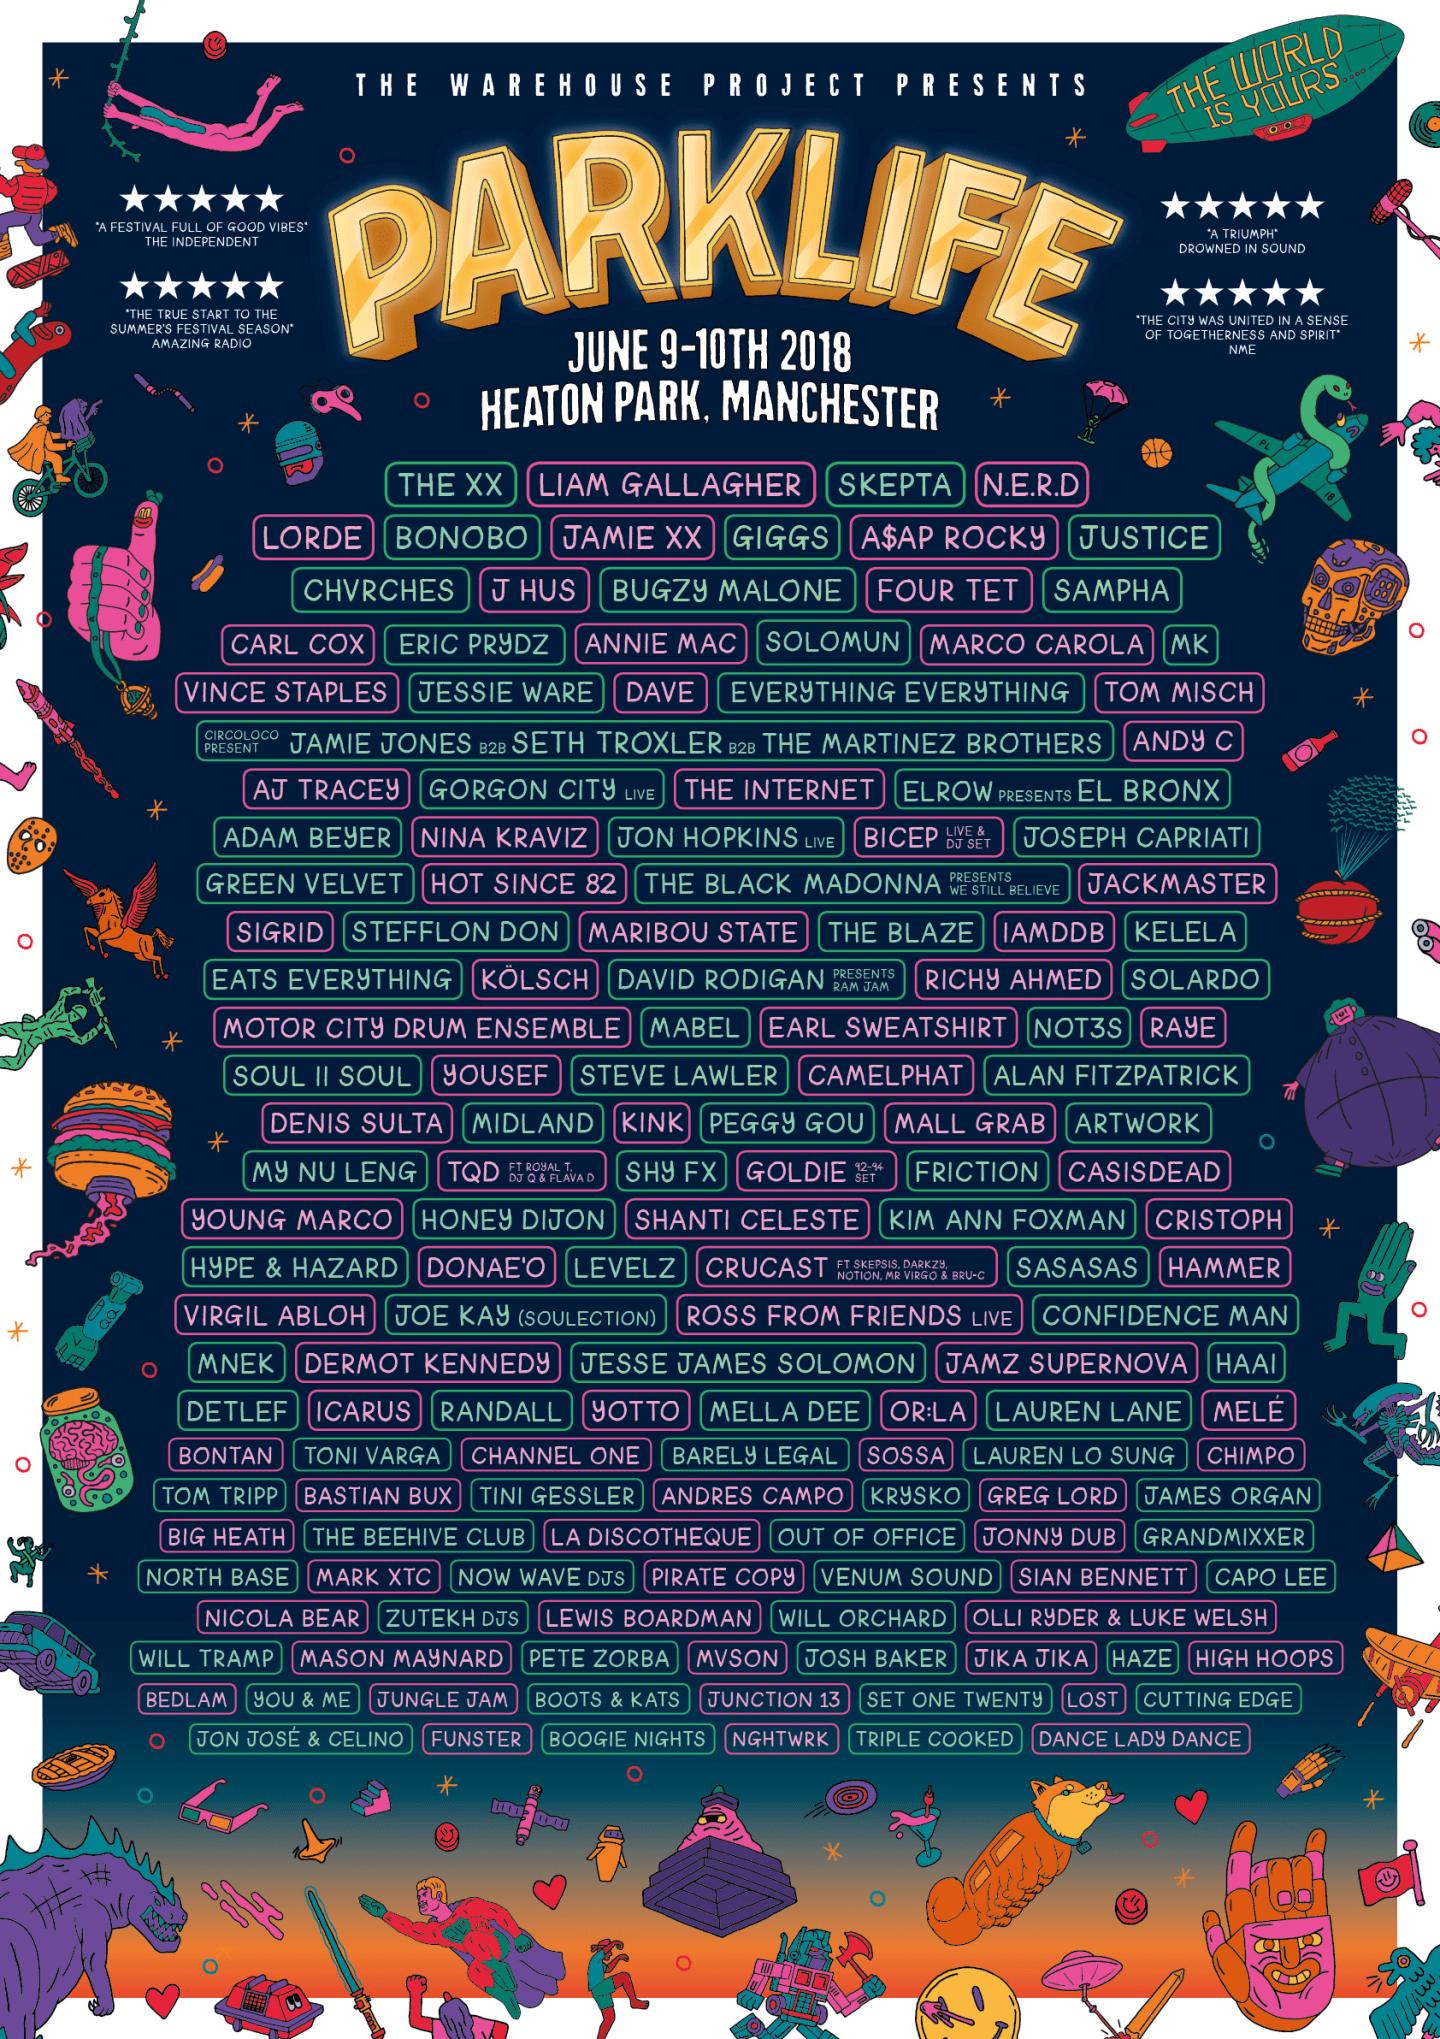 Skepta, The XX, N.E.R.D. will headline the 2018 Parklife Festival